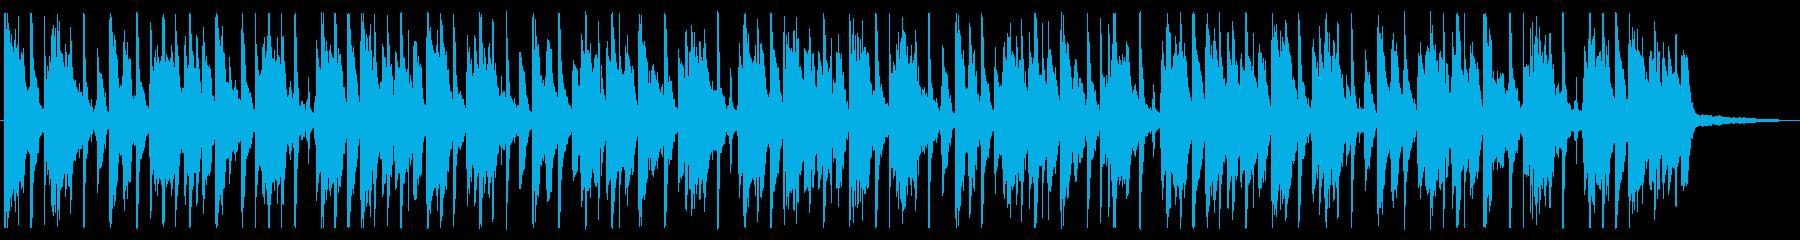 都会/ヒップホップ_No453_5の再生済みの波形